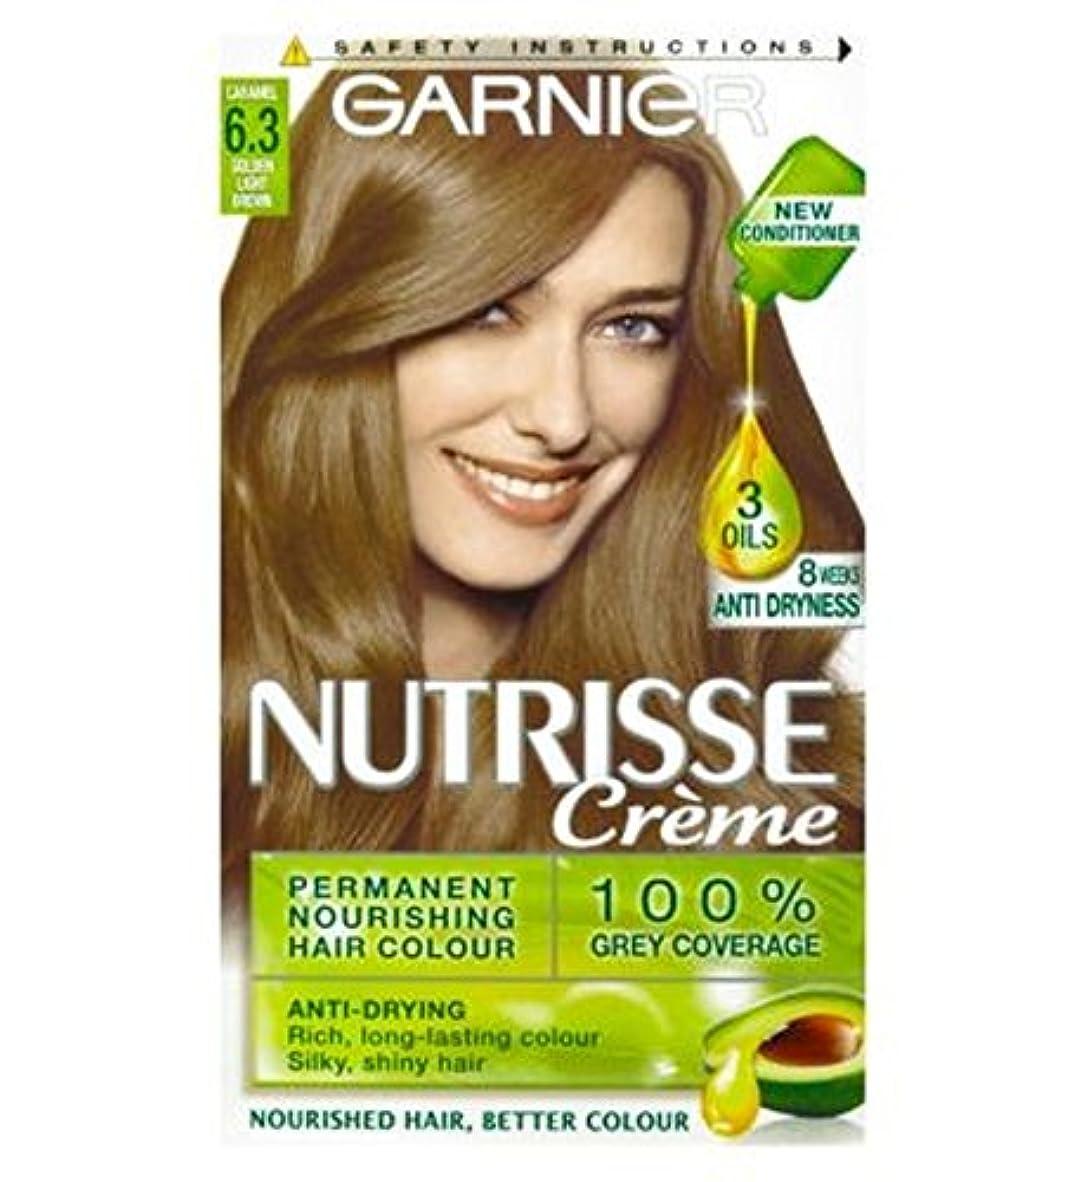 十分影響先見の明ガルニエNutrisseクリームパーマネントヘアカラー6.3キャラメルライトブラウン (Garnier) (x2) - Garnier Nutrisse Cr?me Permanent Hair Colour 6.3 Caramel Light Brown (Pack of 2) [並行輸入品]